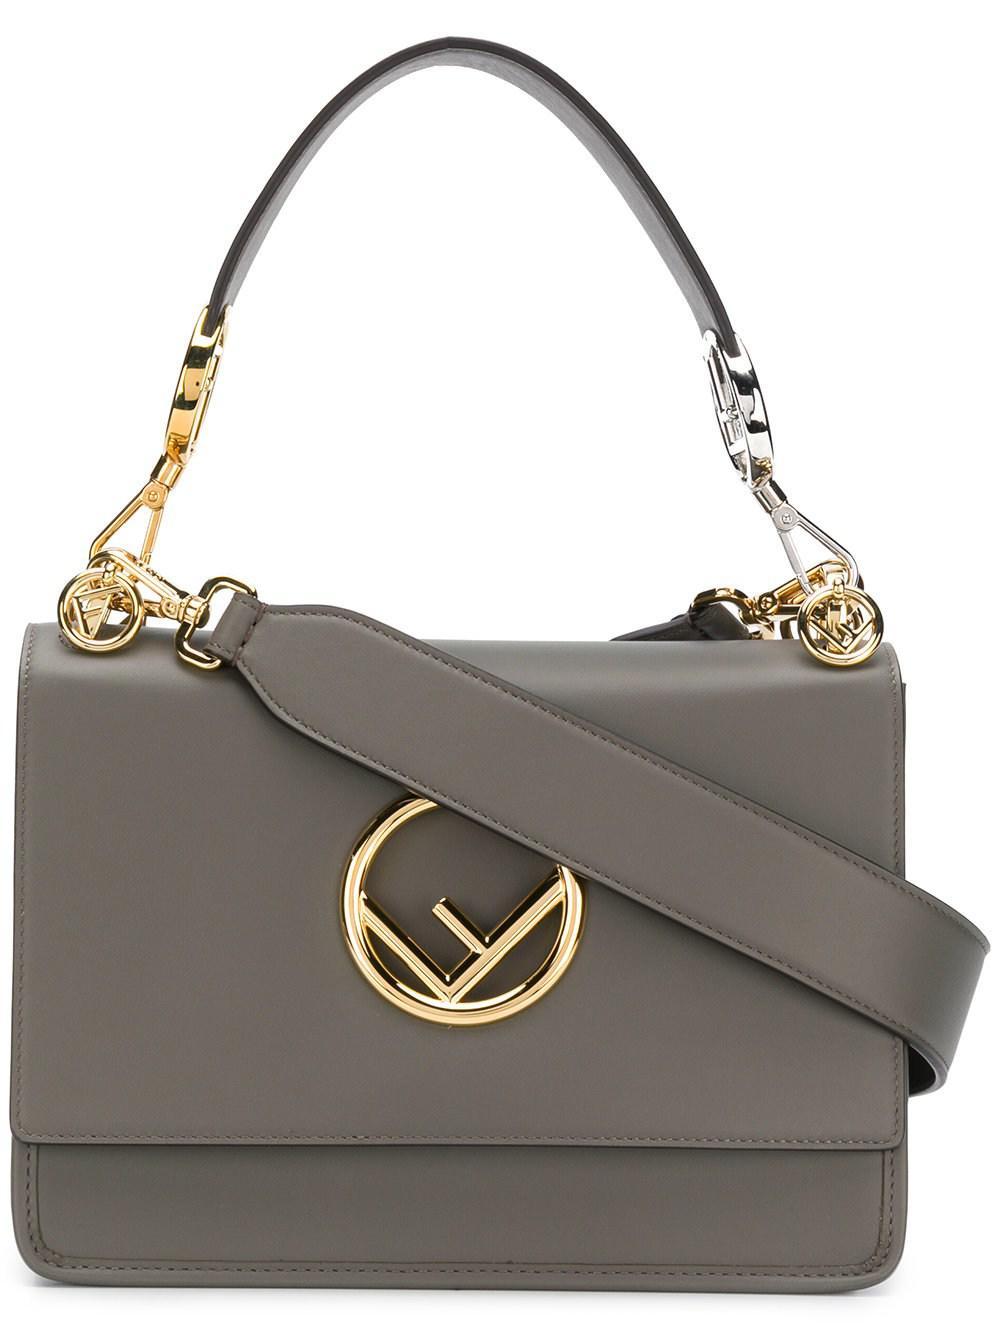 Lyst - Fendi Kan I Leather Shoulder Bag in Gray a21fd49994503